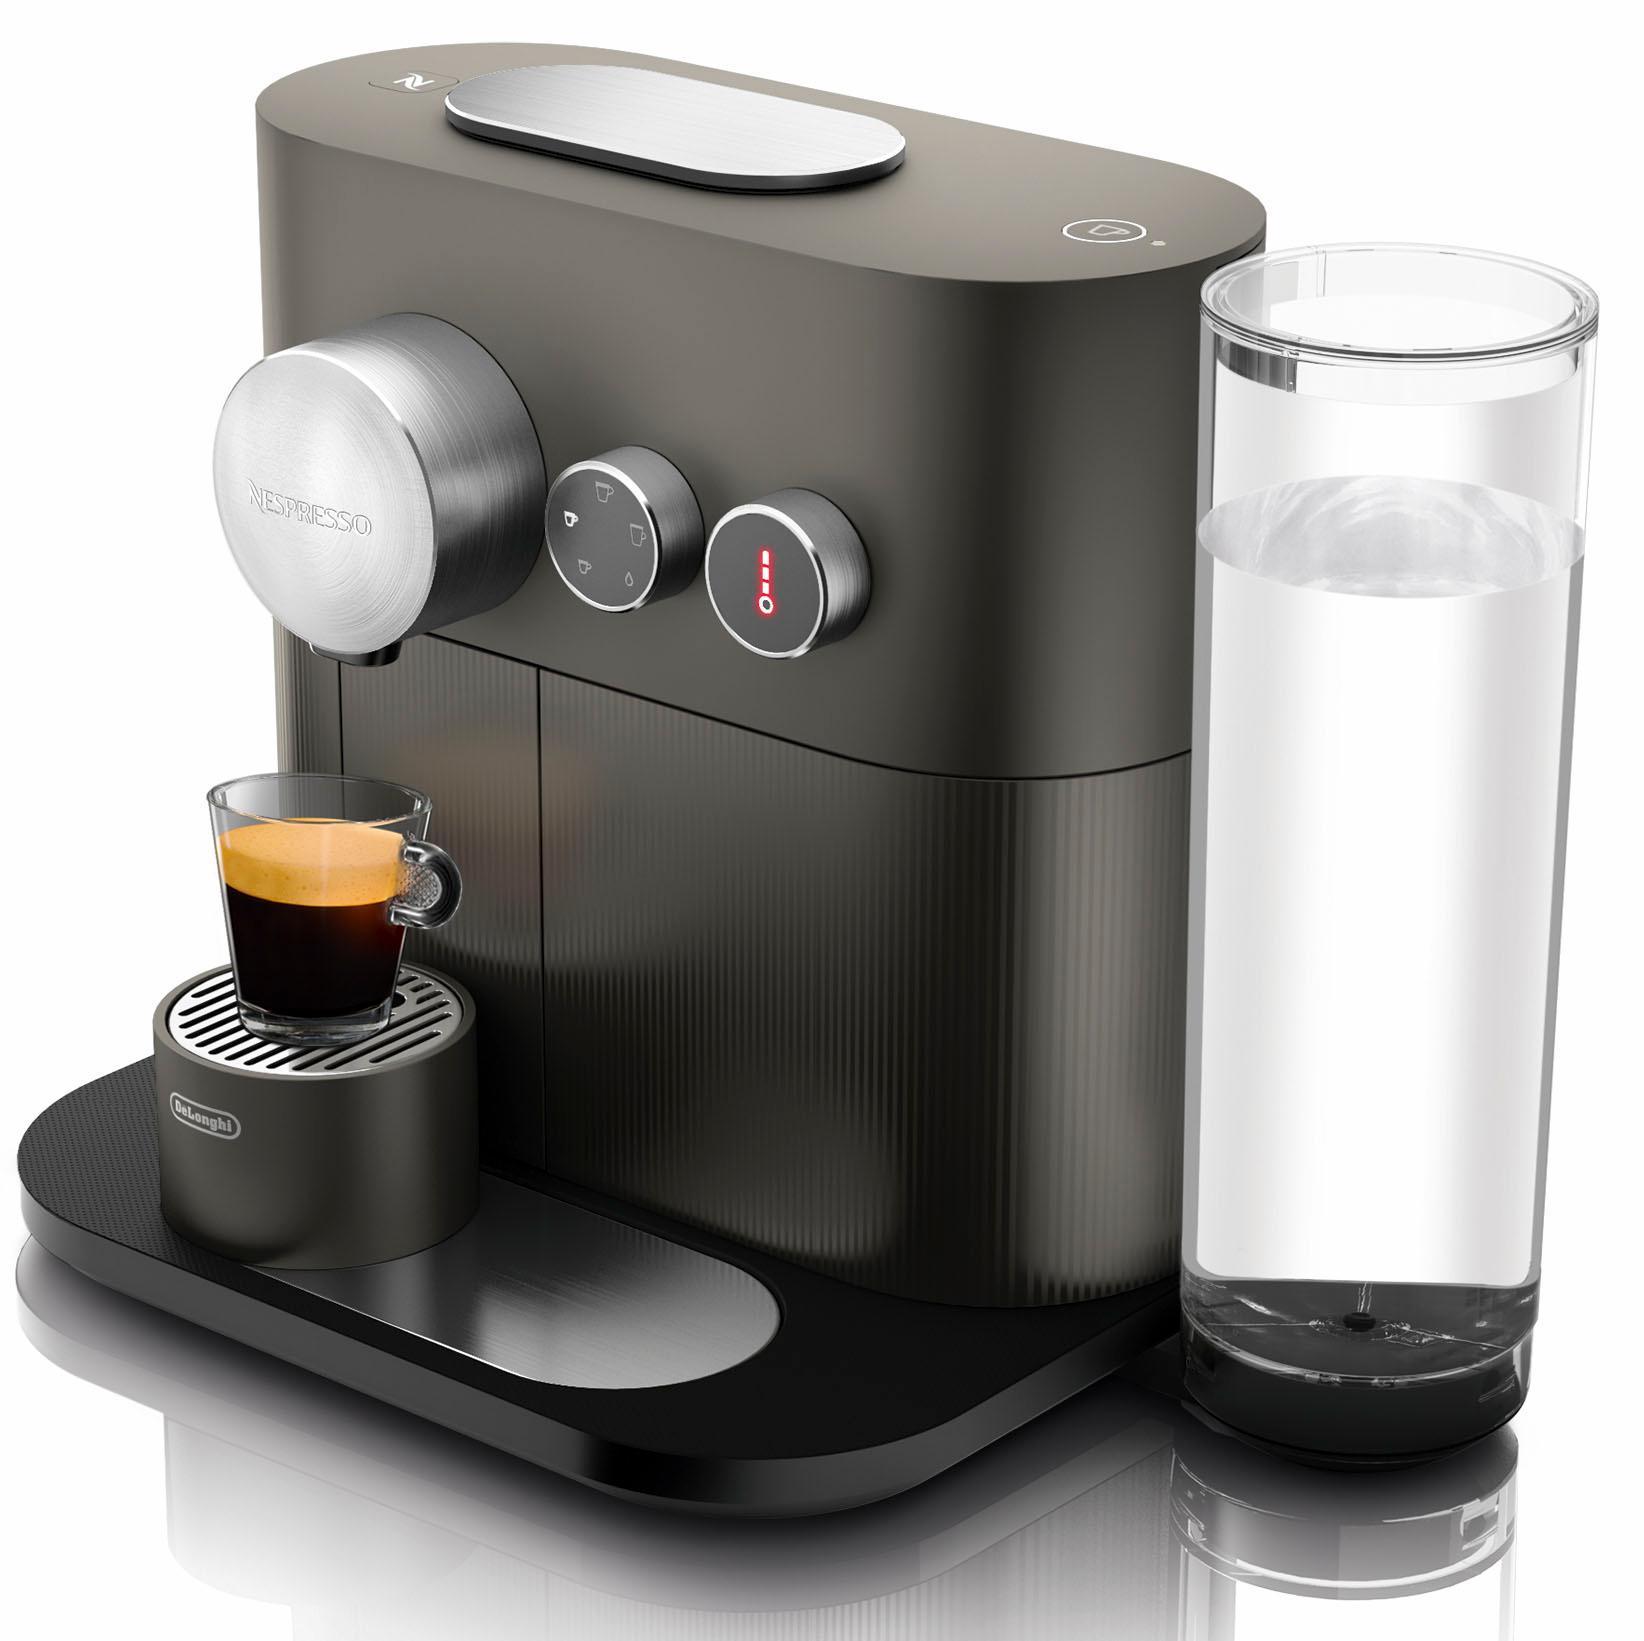 Nespresso Kapselmaschine NESPRESSO Expert EN350.G | Küche und Esszimmer > Kaffee und Tee > Espressomaschinen | Nespresso